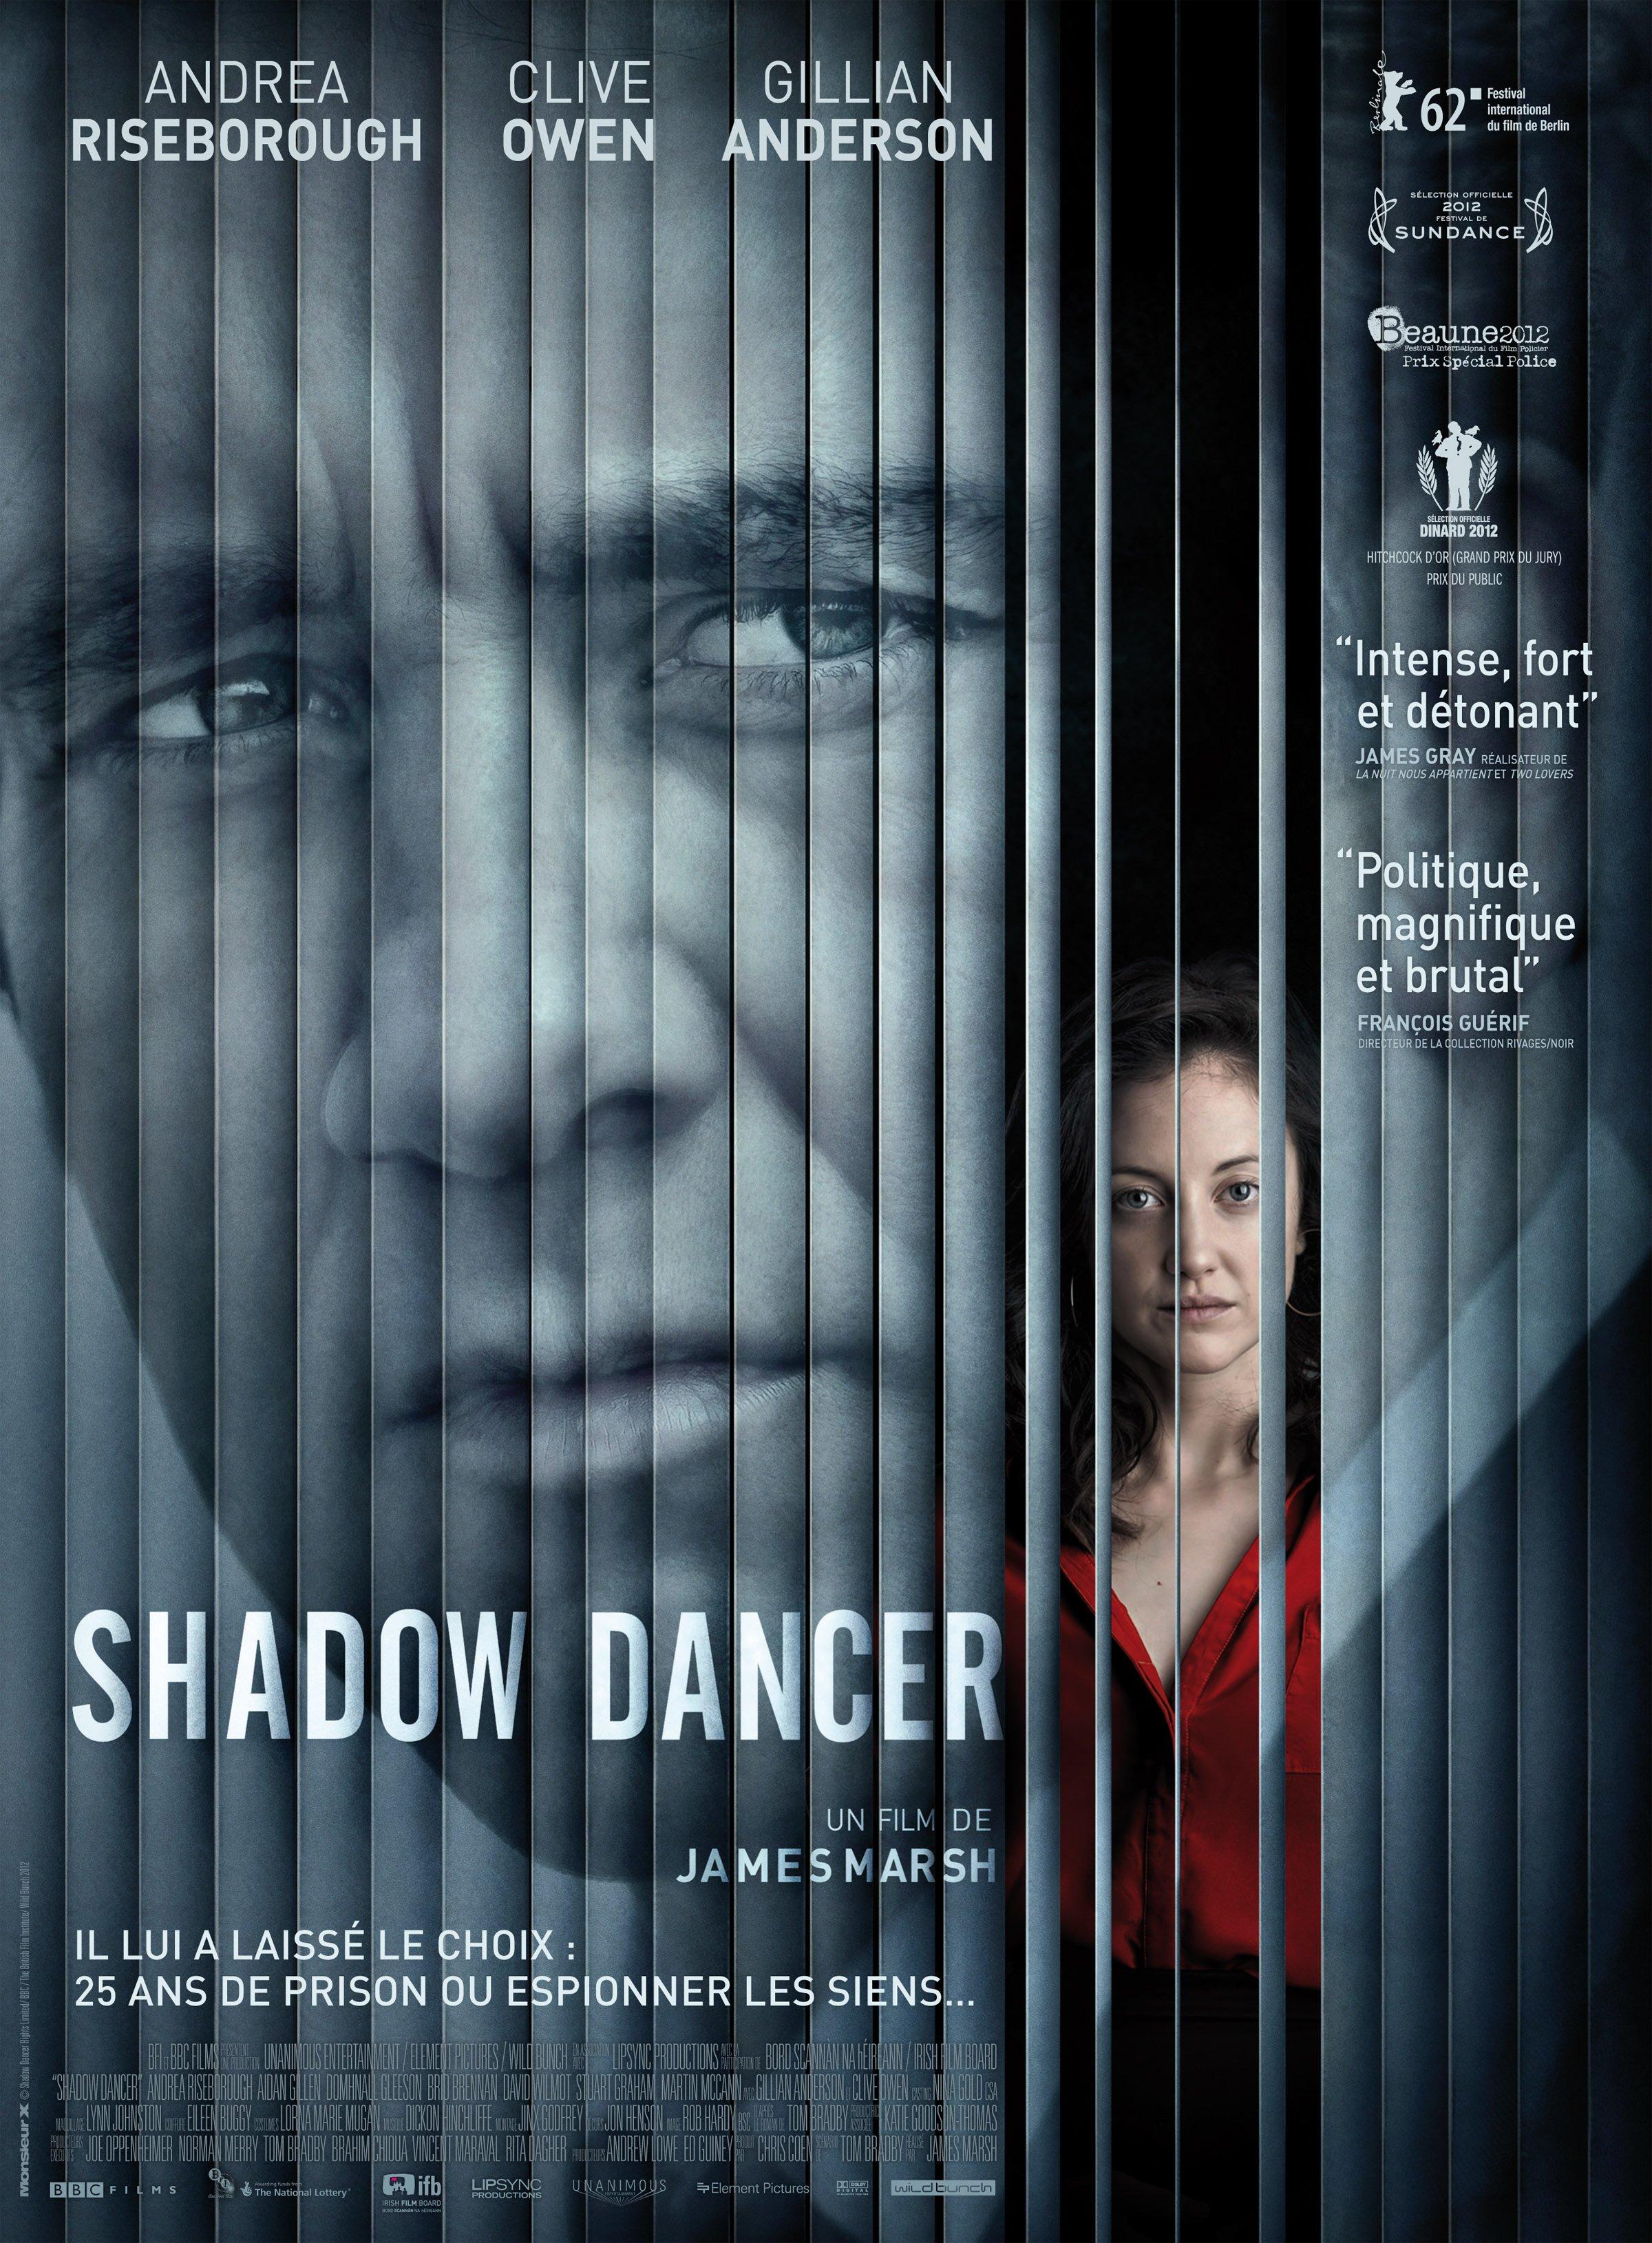 Affiche française du film Shadow Dancer avec Clive Owen et Andrea Riseborough